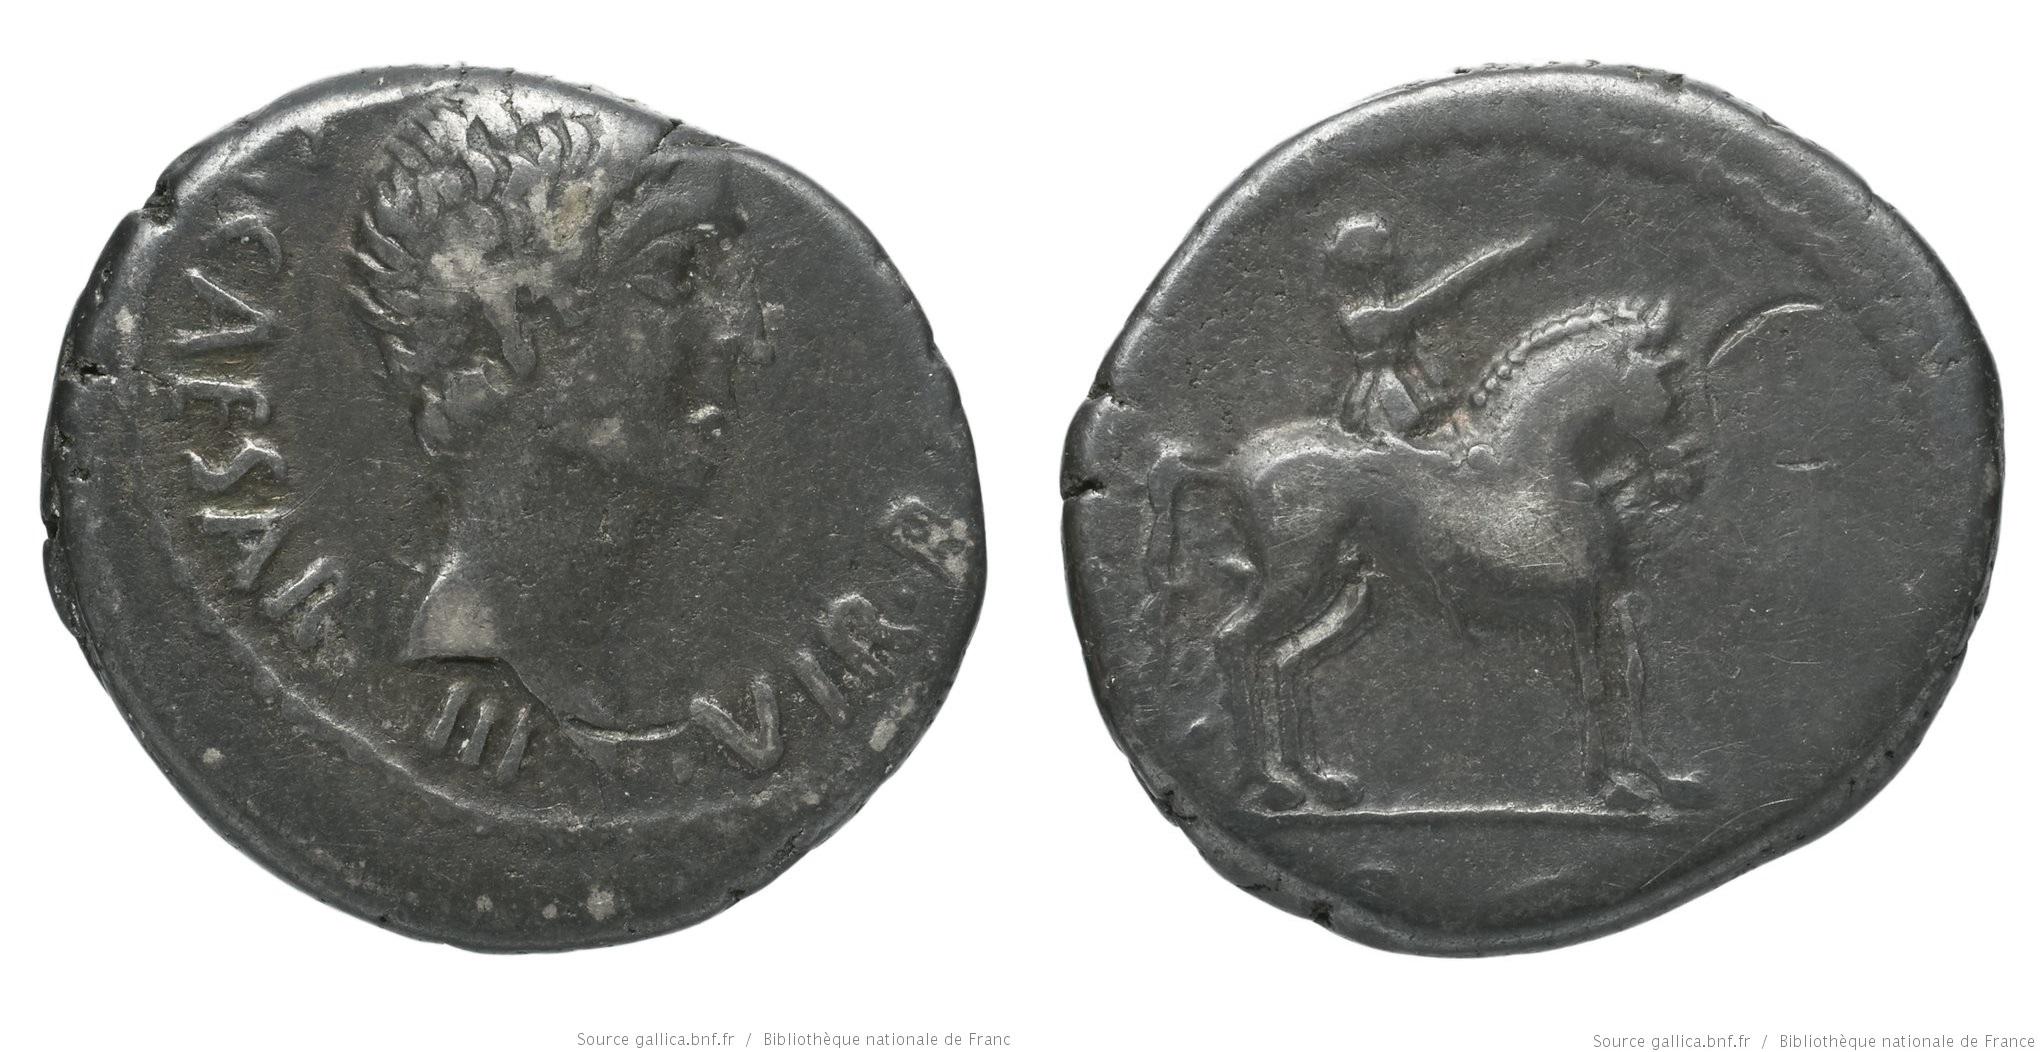 1572JU – Denier Octave – Caius Julius Cæsar Octavianus